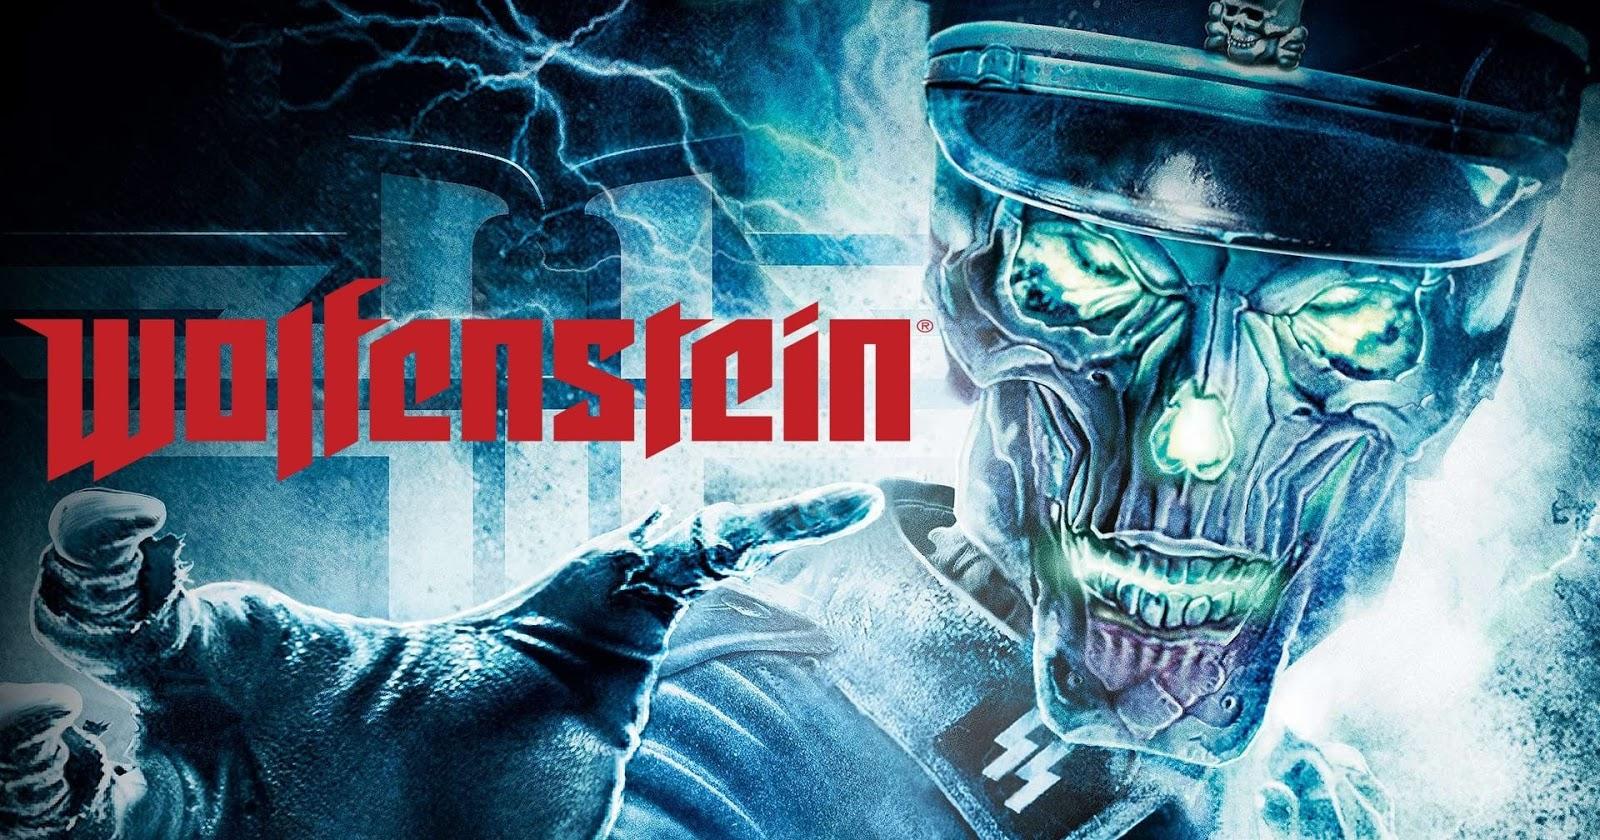 Wolfenstein 2009 [v1 2 + MULTi10] for PC [5 7 GB] Full